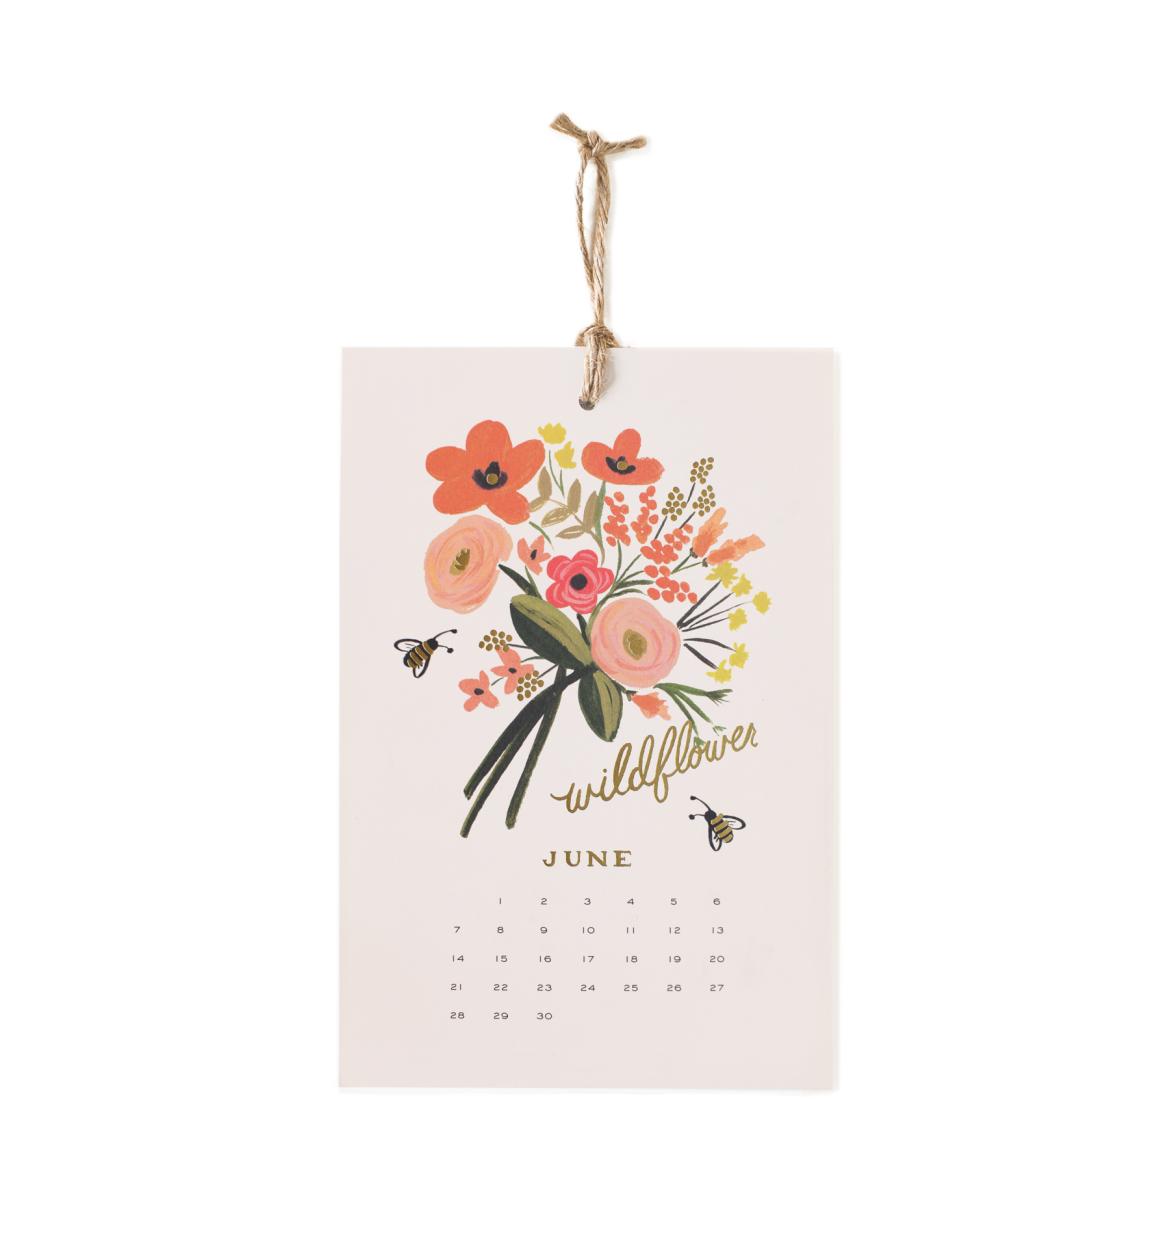 2015-honey-bee-wall-calendar-07_1.png